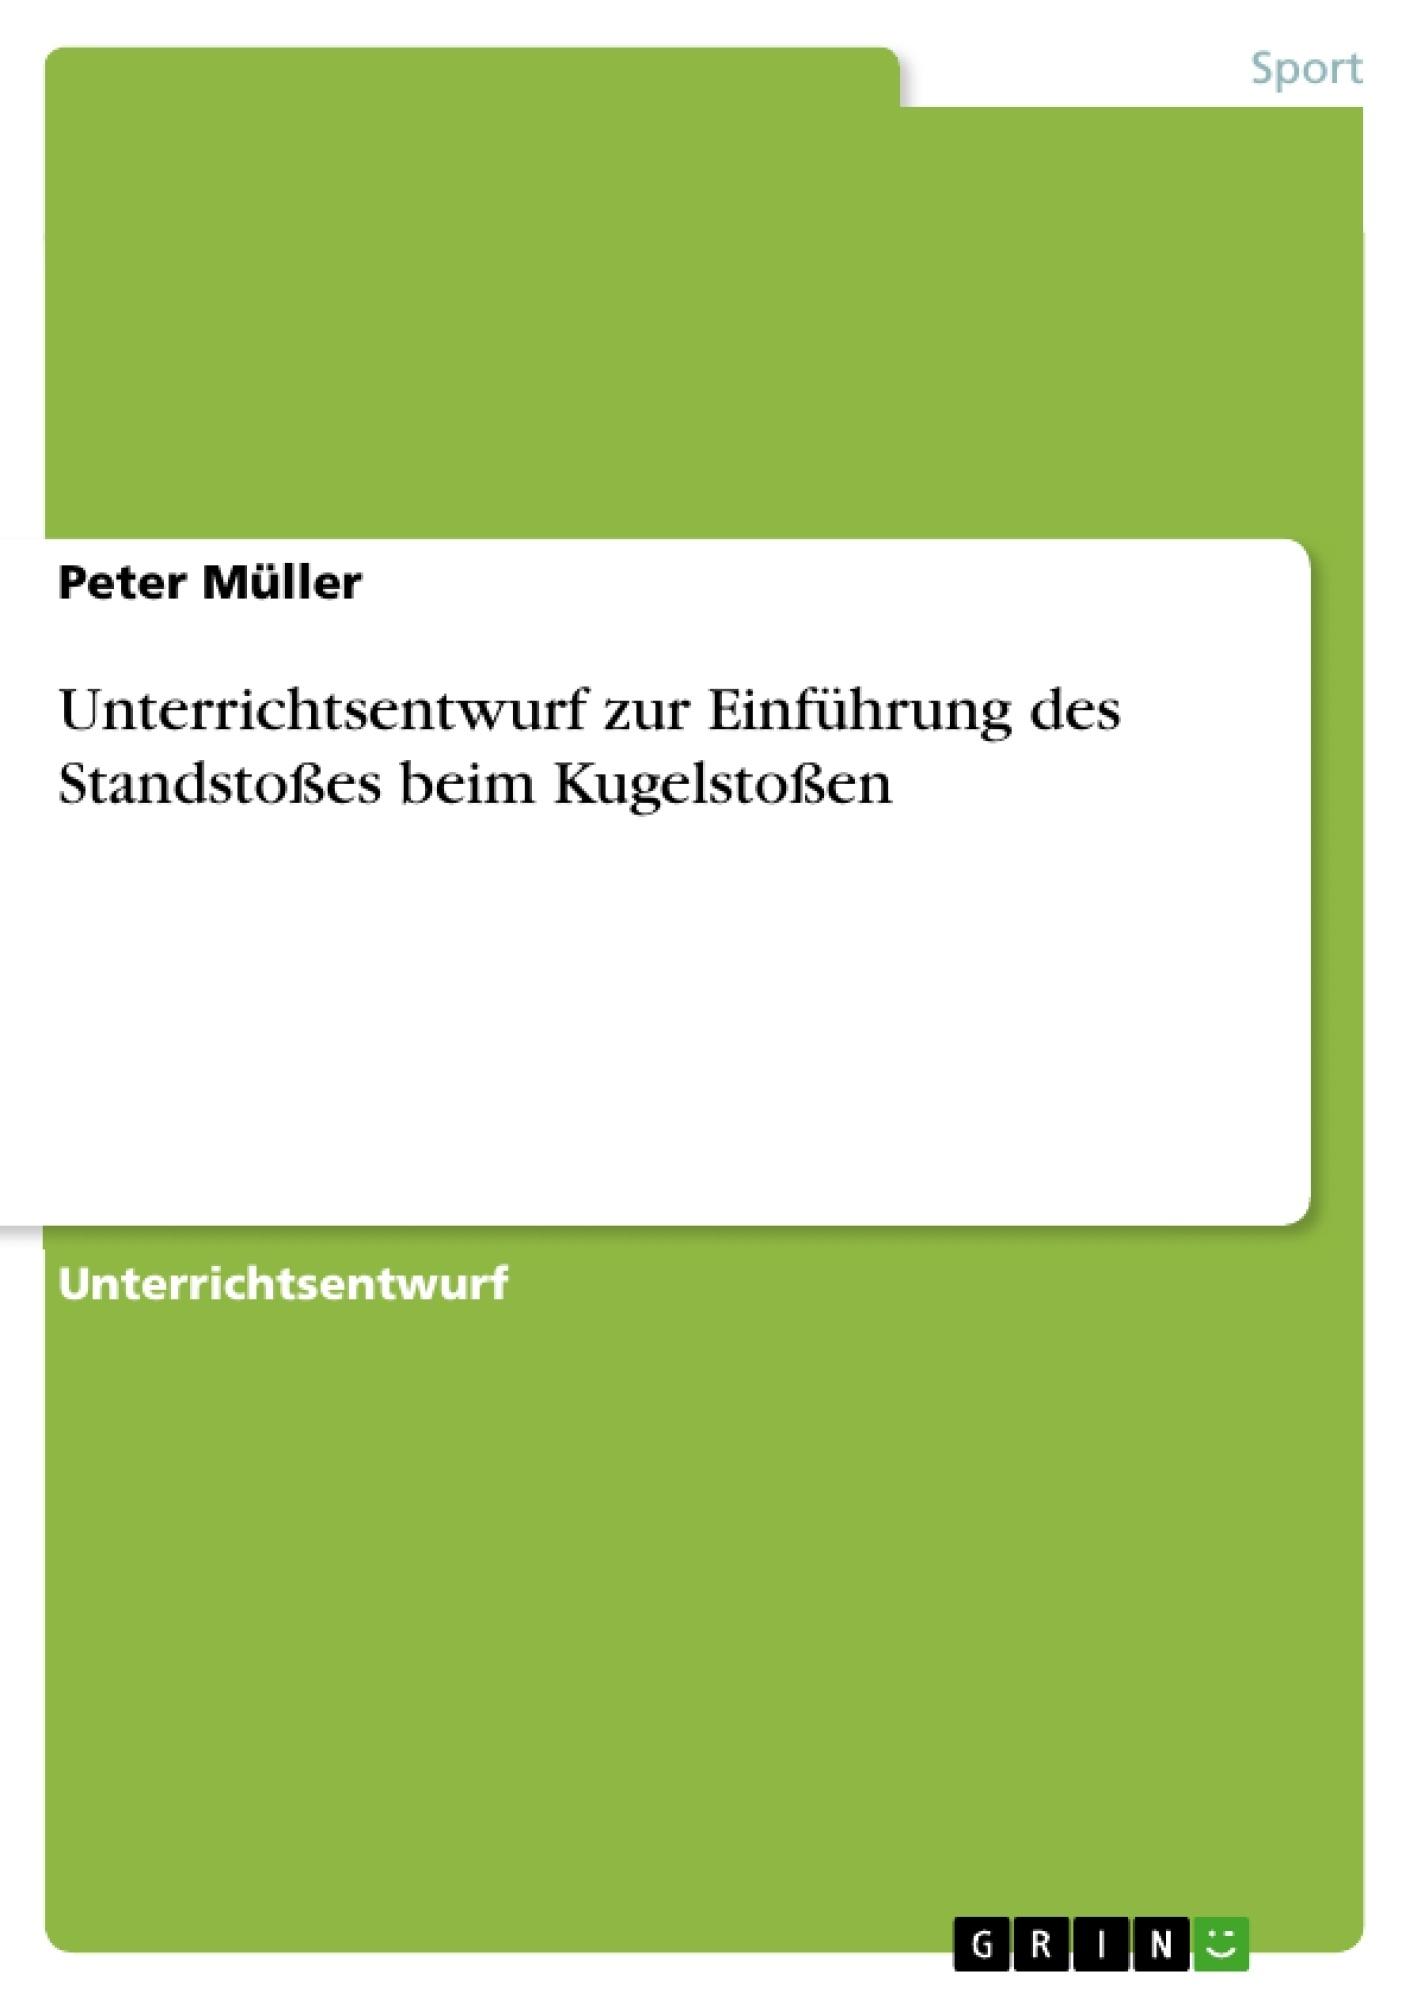 Titel: Unterrichtsentwurf zur Einführung des Standstoßes beim Kugelstoßen